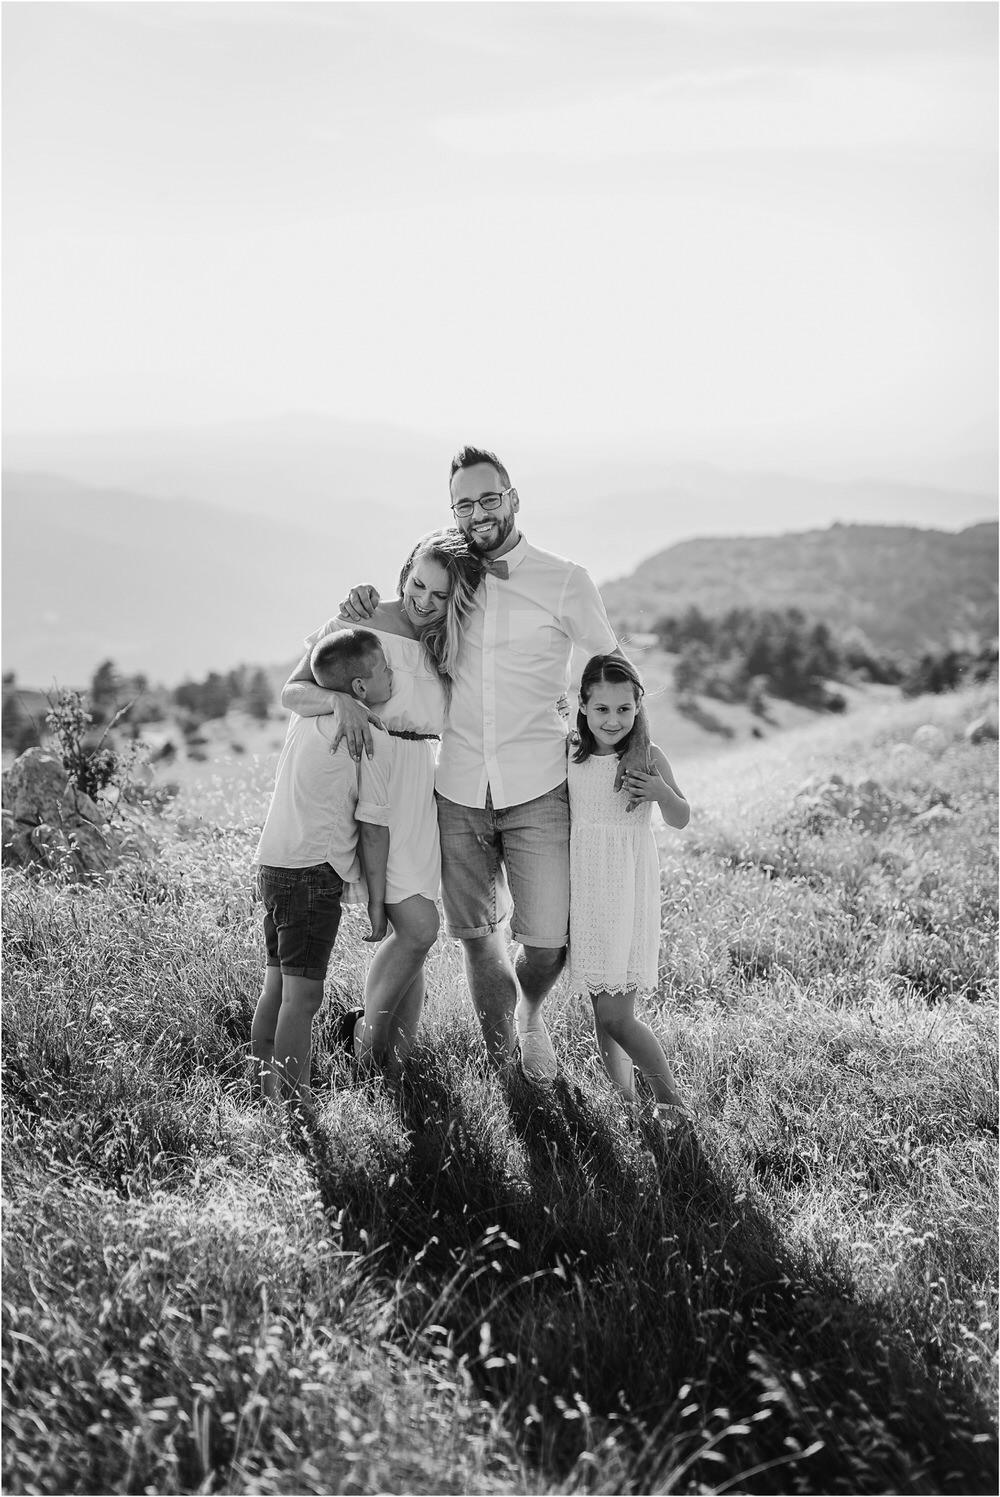 druzinsko fotografiranje nanos slovenija zaroka poroka porocni fotograf vipava primorska family anniversary obletnica poroke 0003.jpg